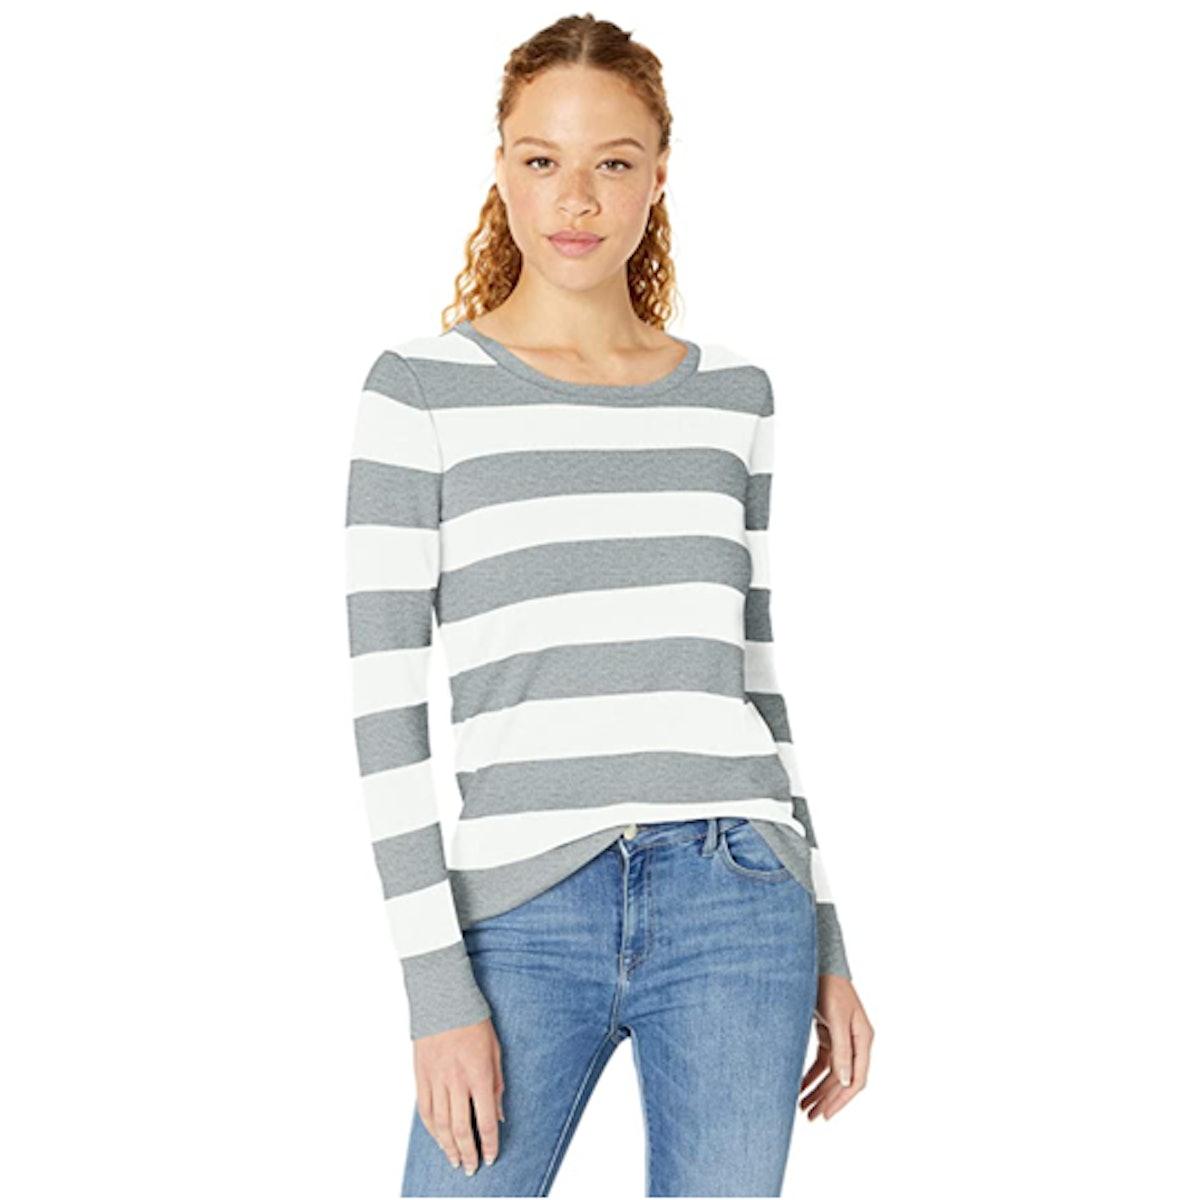 Amazon Essentials Lightweight Sweater